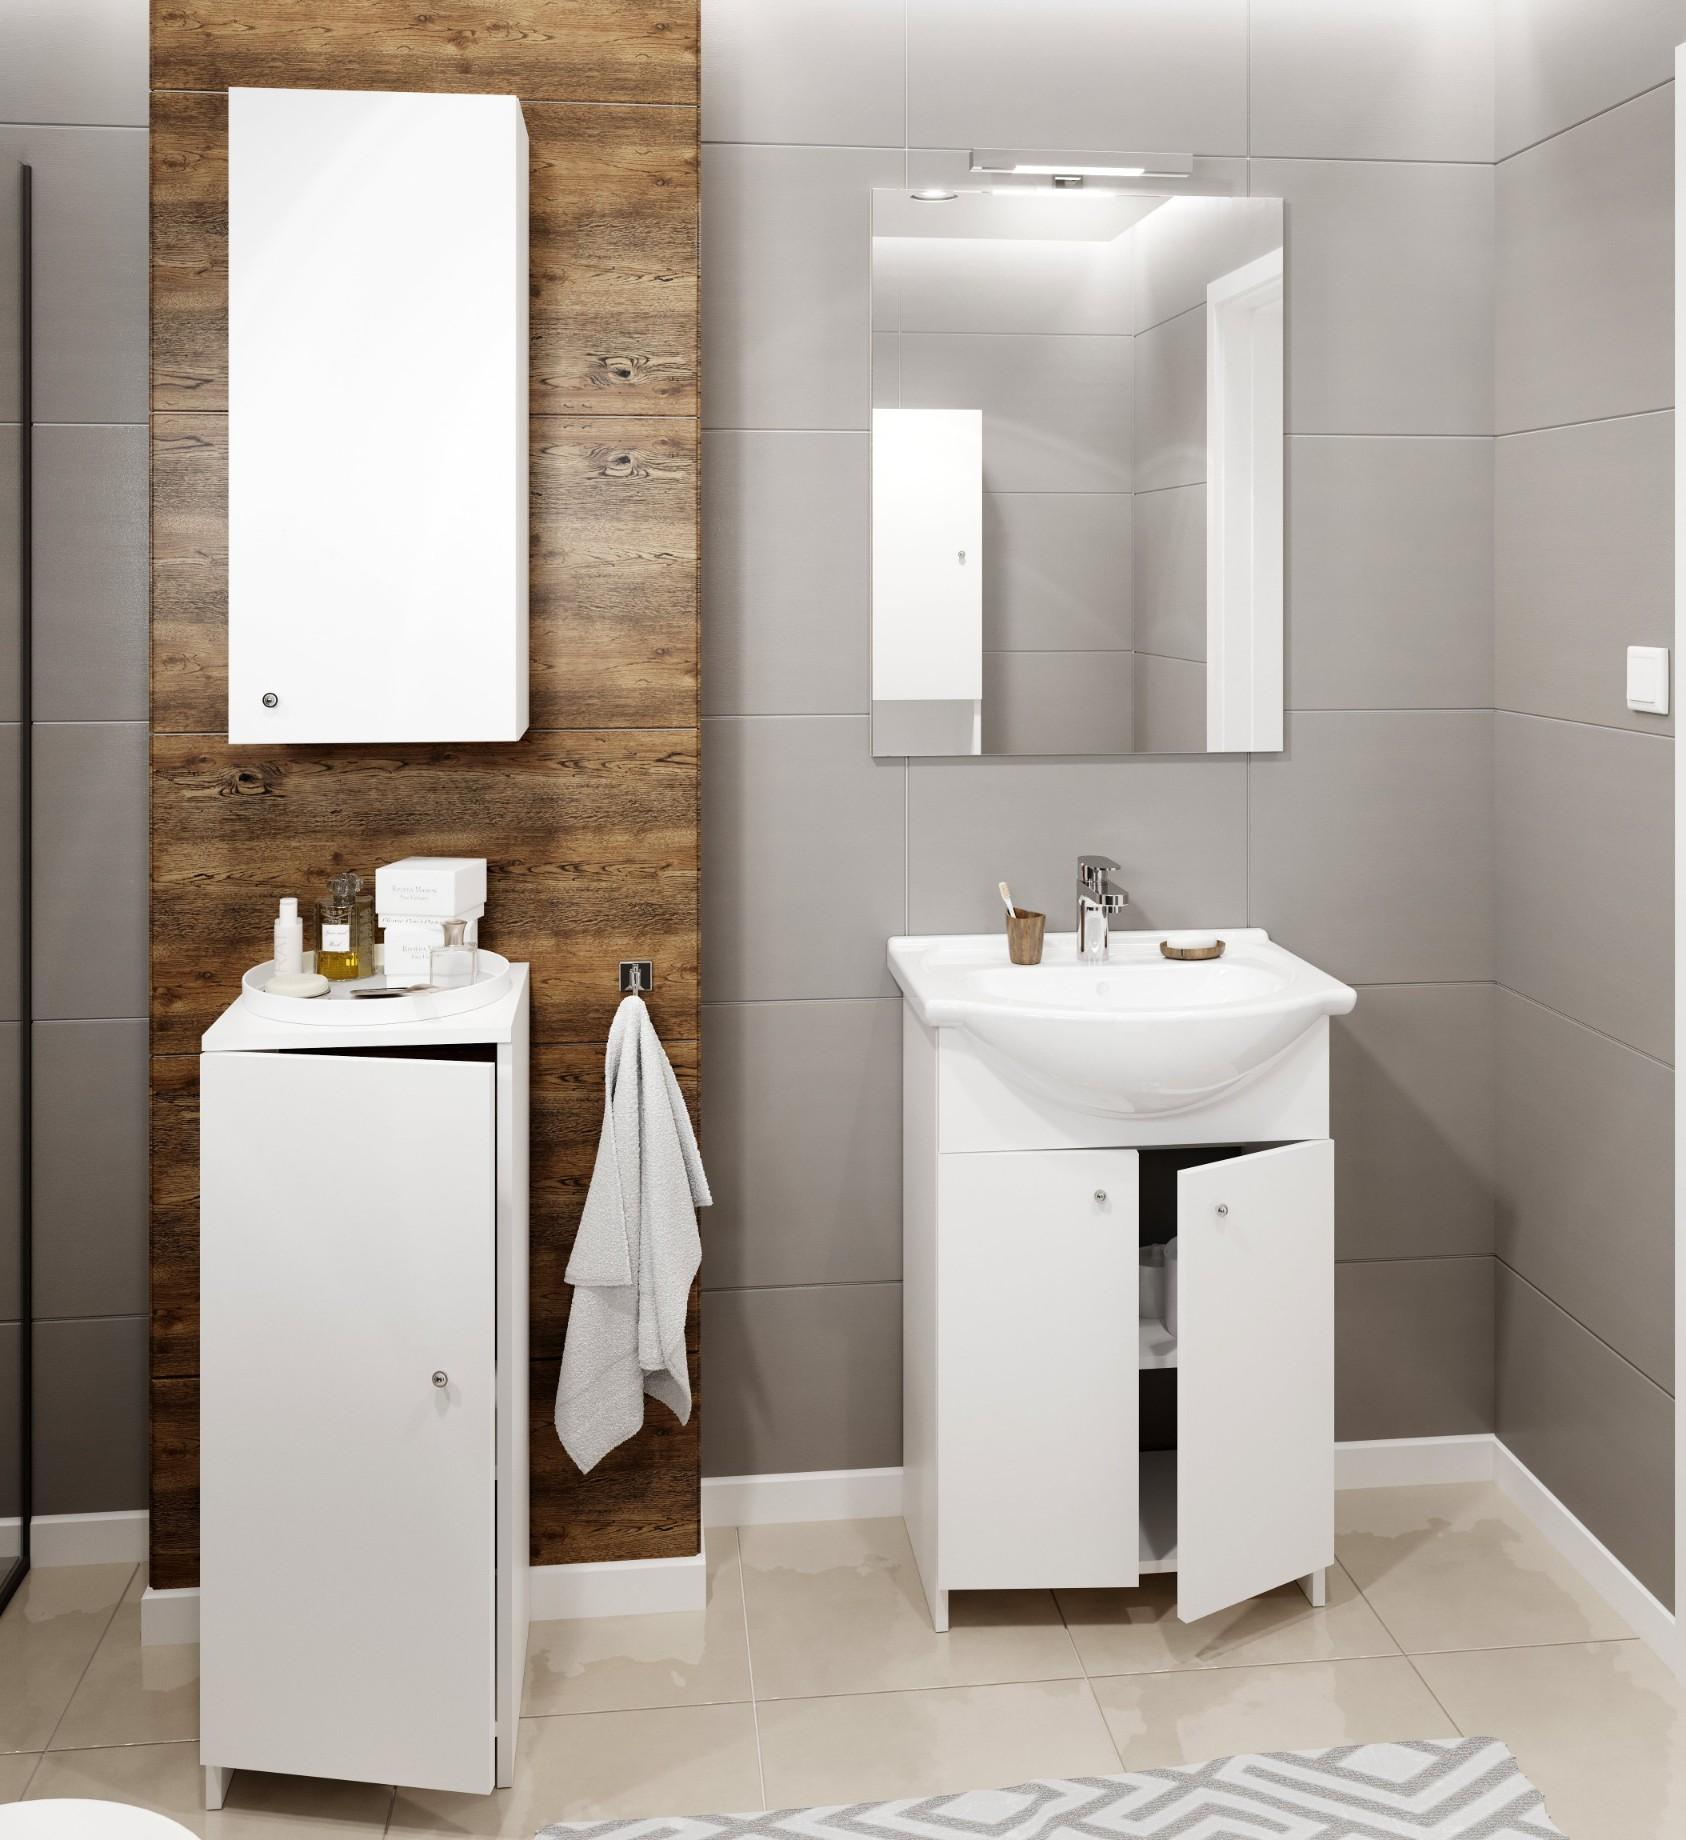 Blog Jak Wybrać Meble Do Małej łazienki Inspiracje